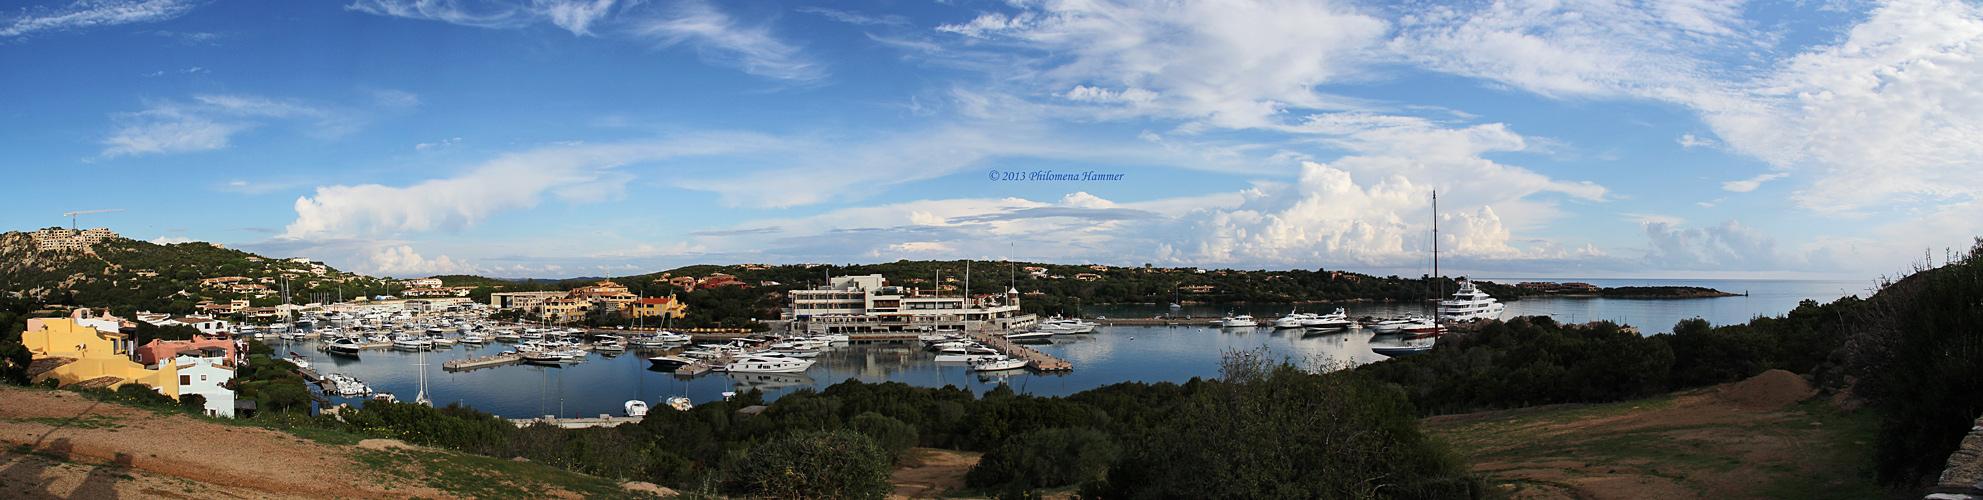 Jachthafen Porto Cervo - 2013 Sardinien